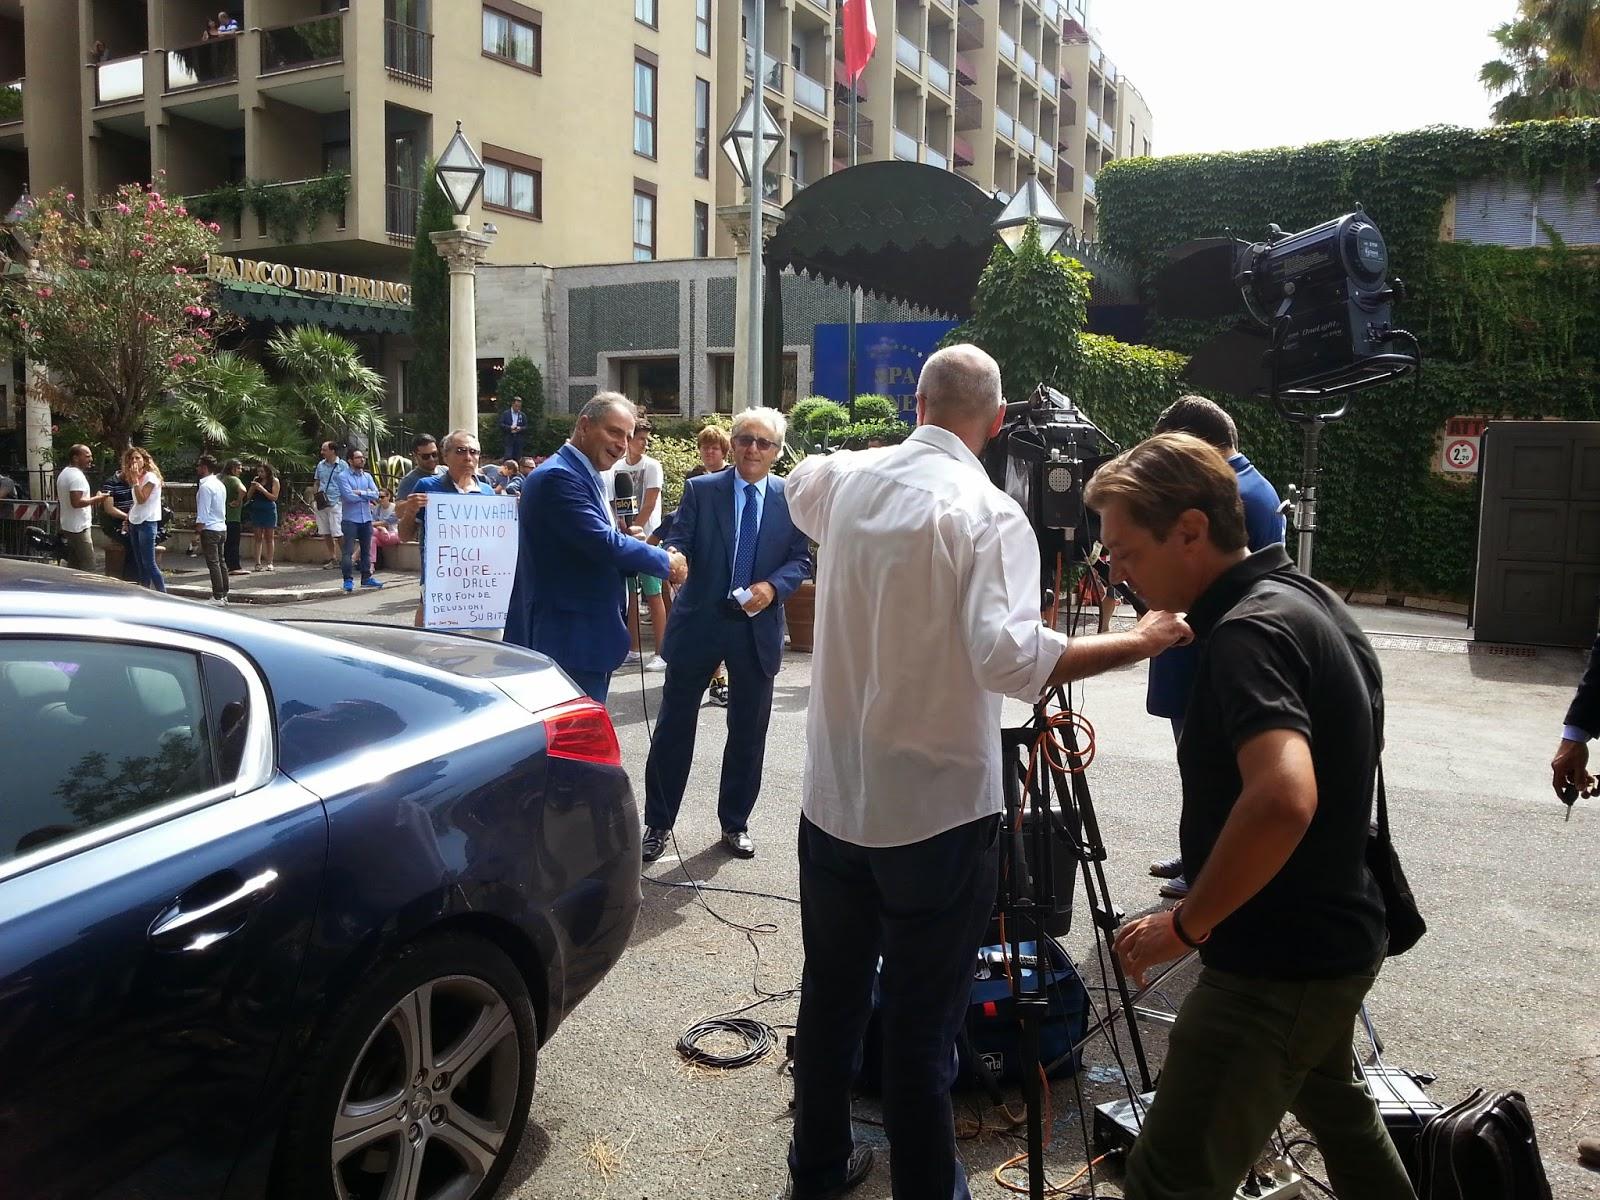 Valentini con il giornalista di skySport. foto:fotosportnotizie.com